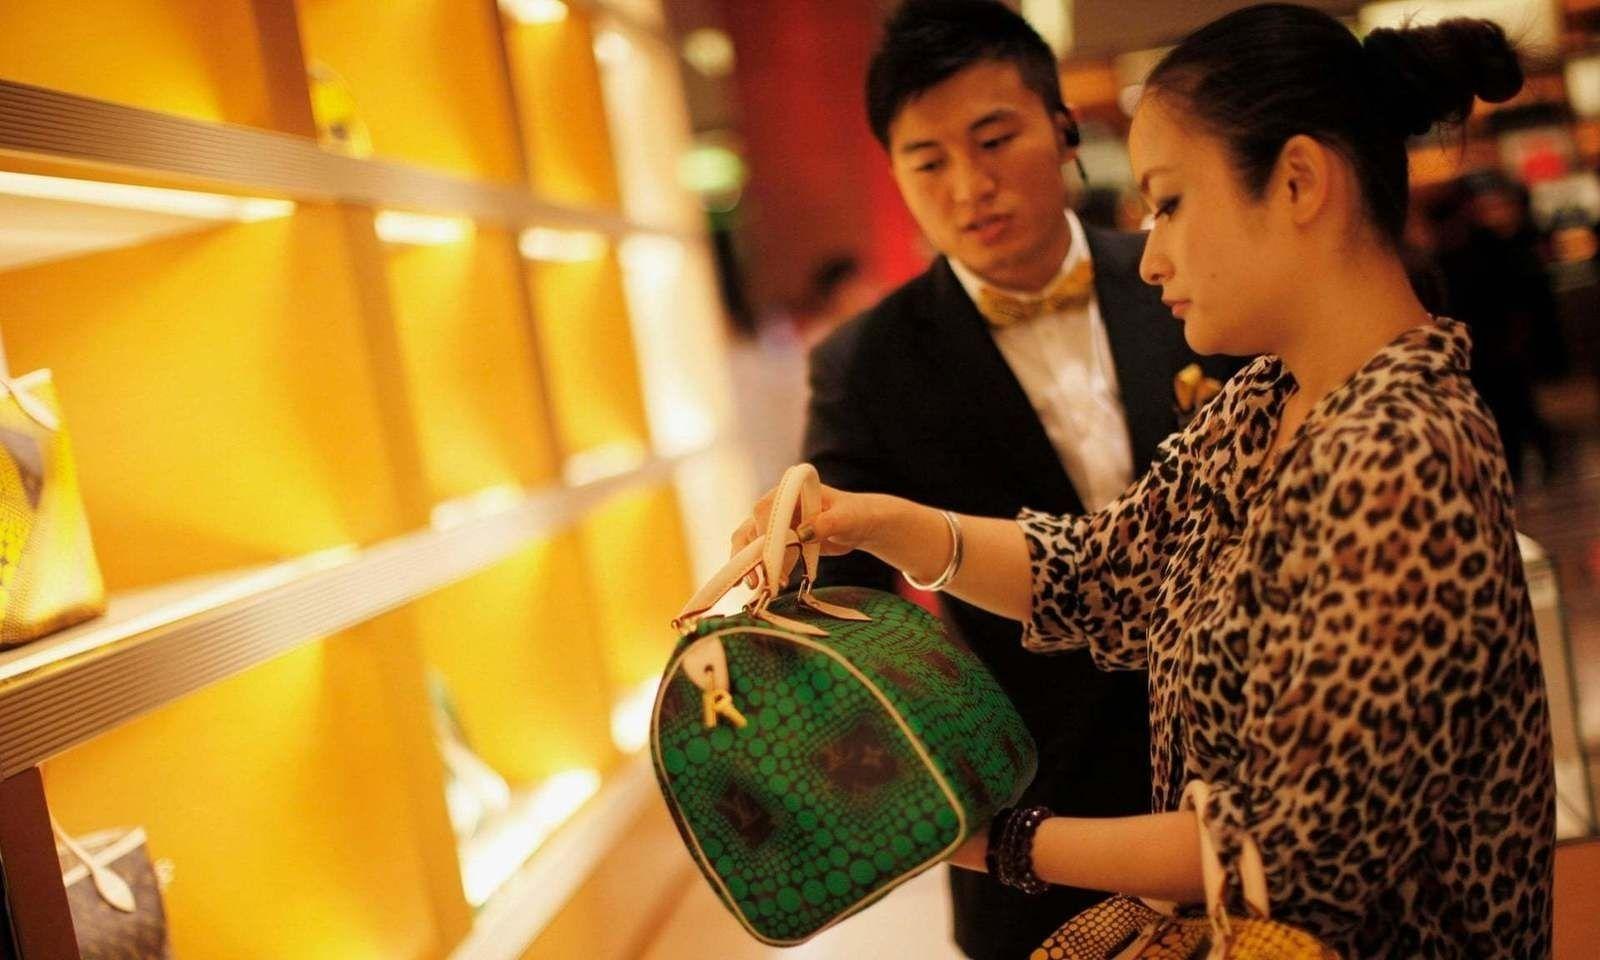 Баячуудын тоогоор Хятад улс анх удаа АНУ-ыг гүйцэж түрүүлжээ